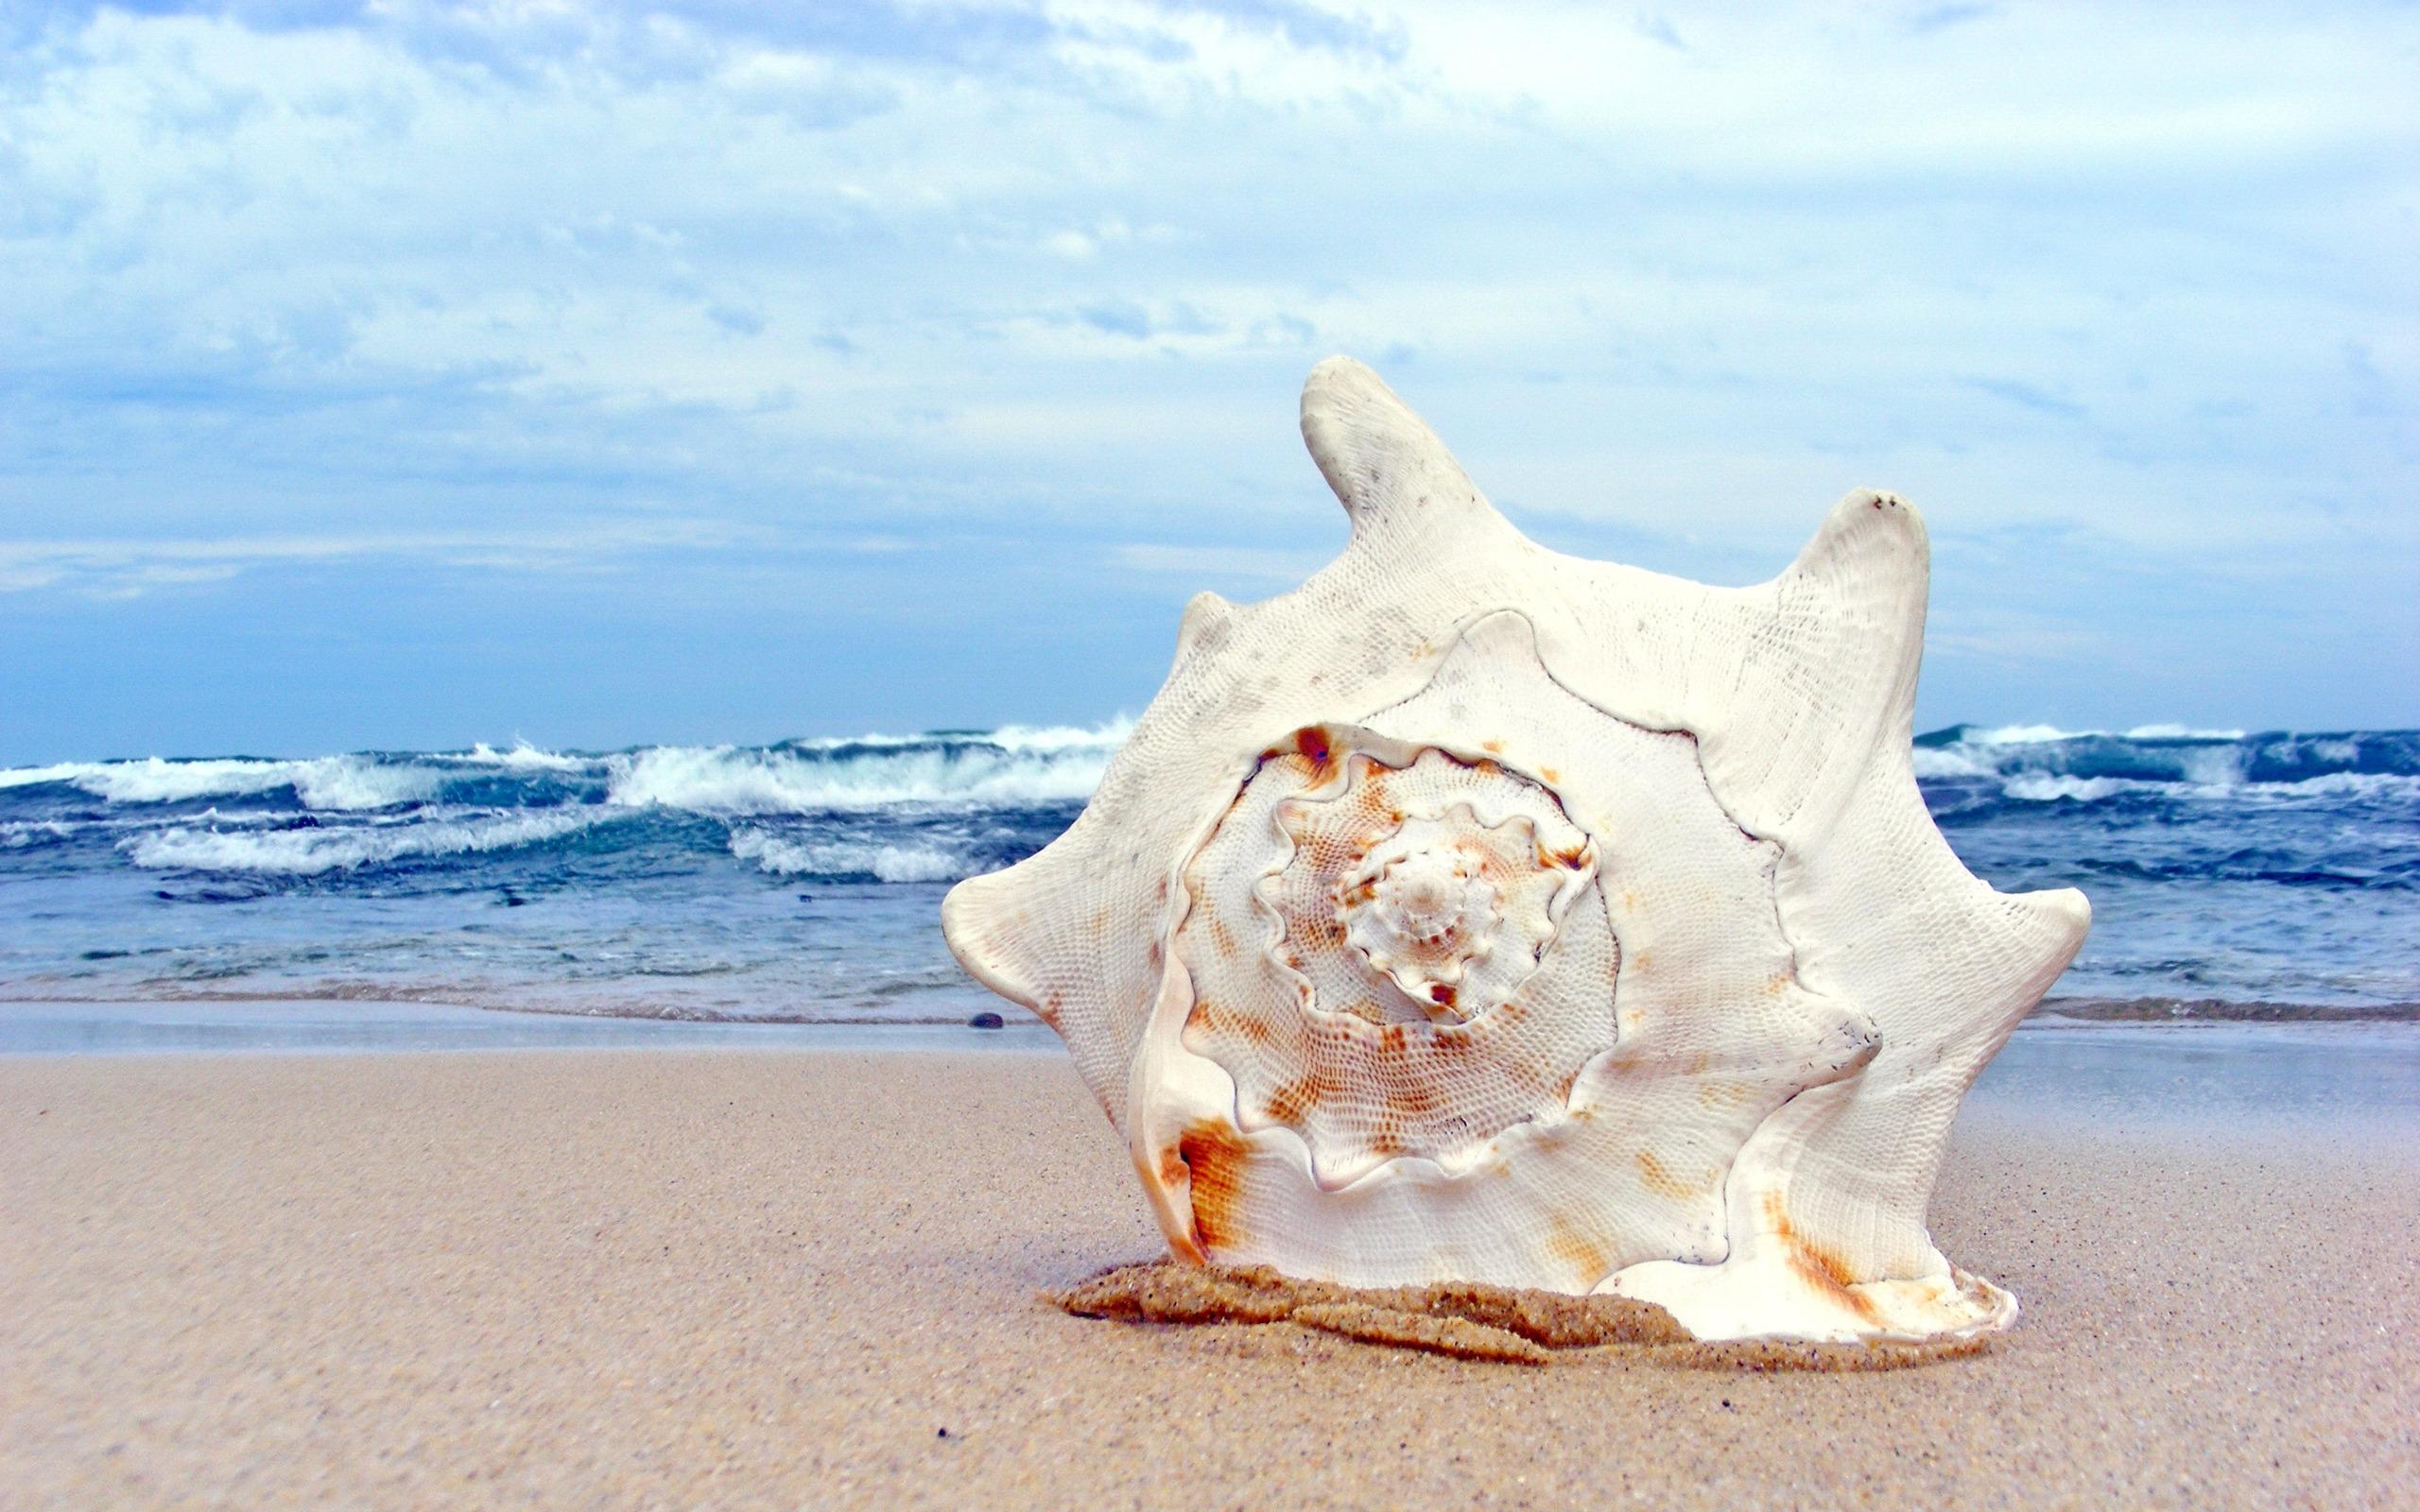 Картинки ракушек на море, психолога для